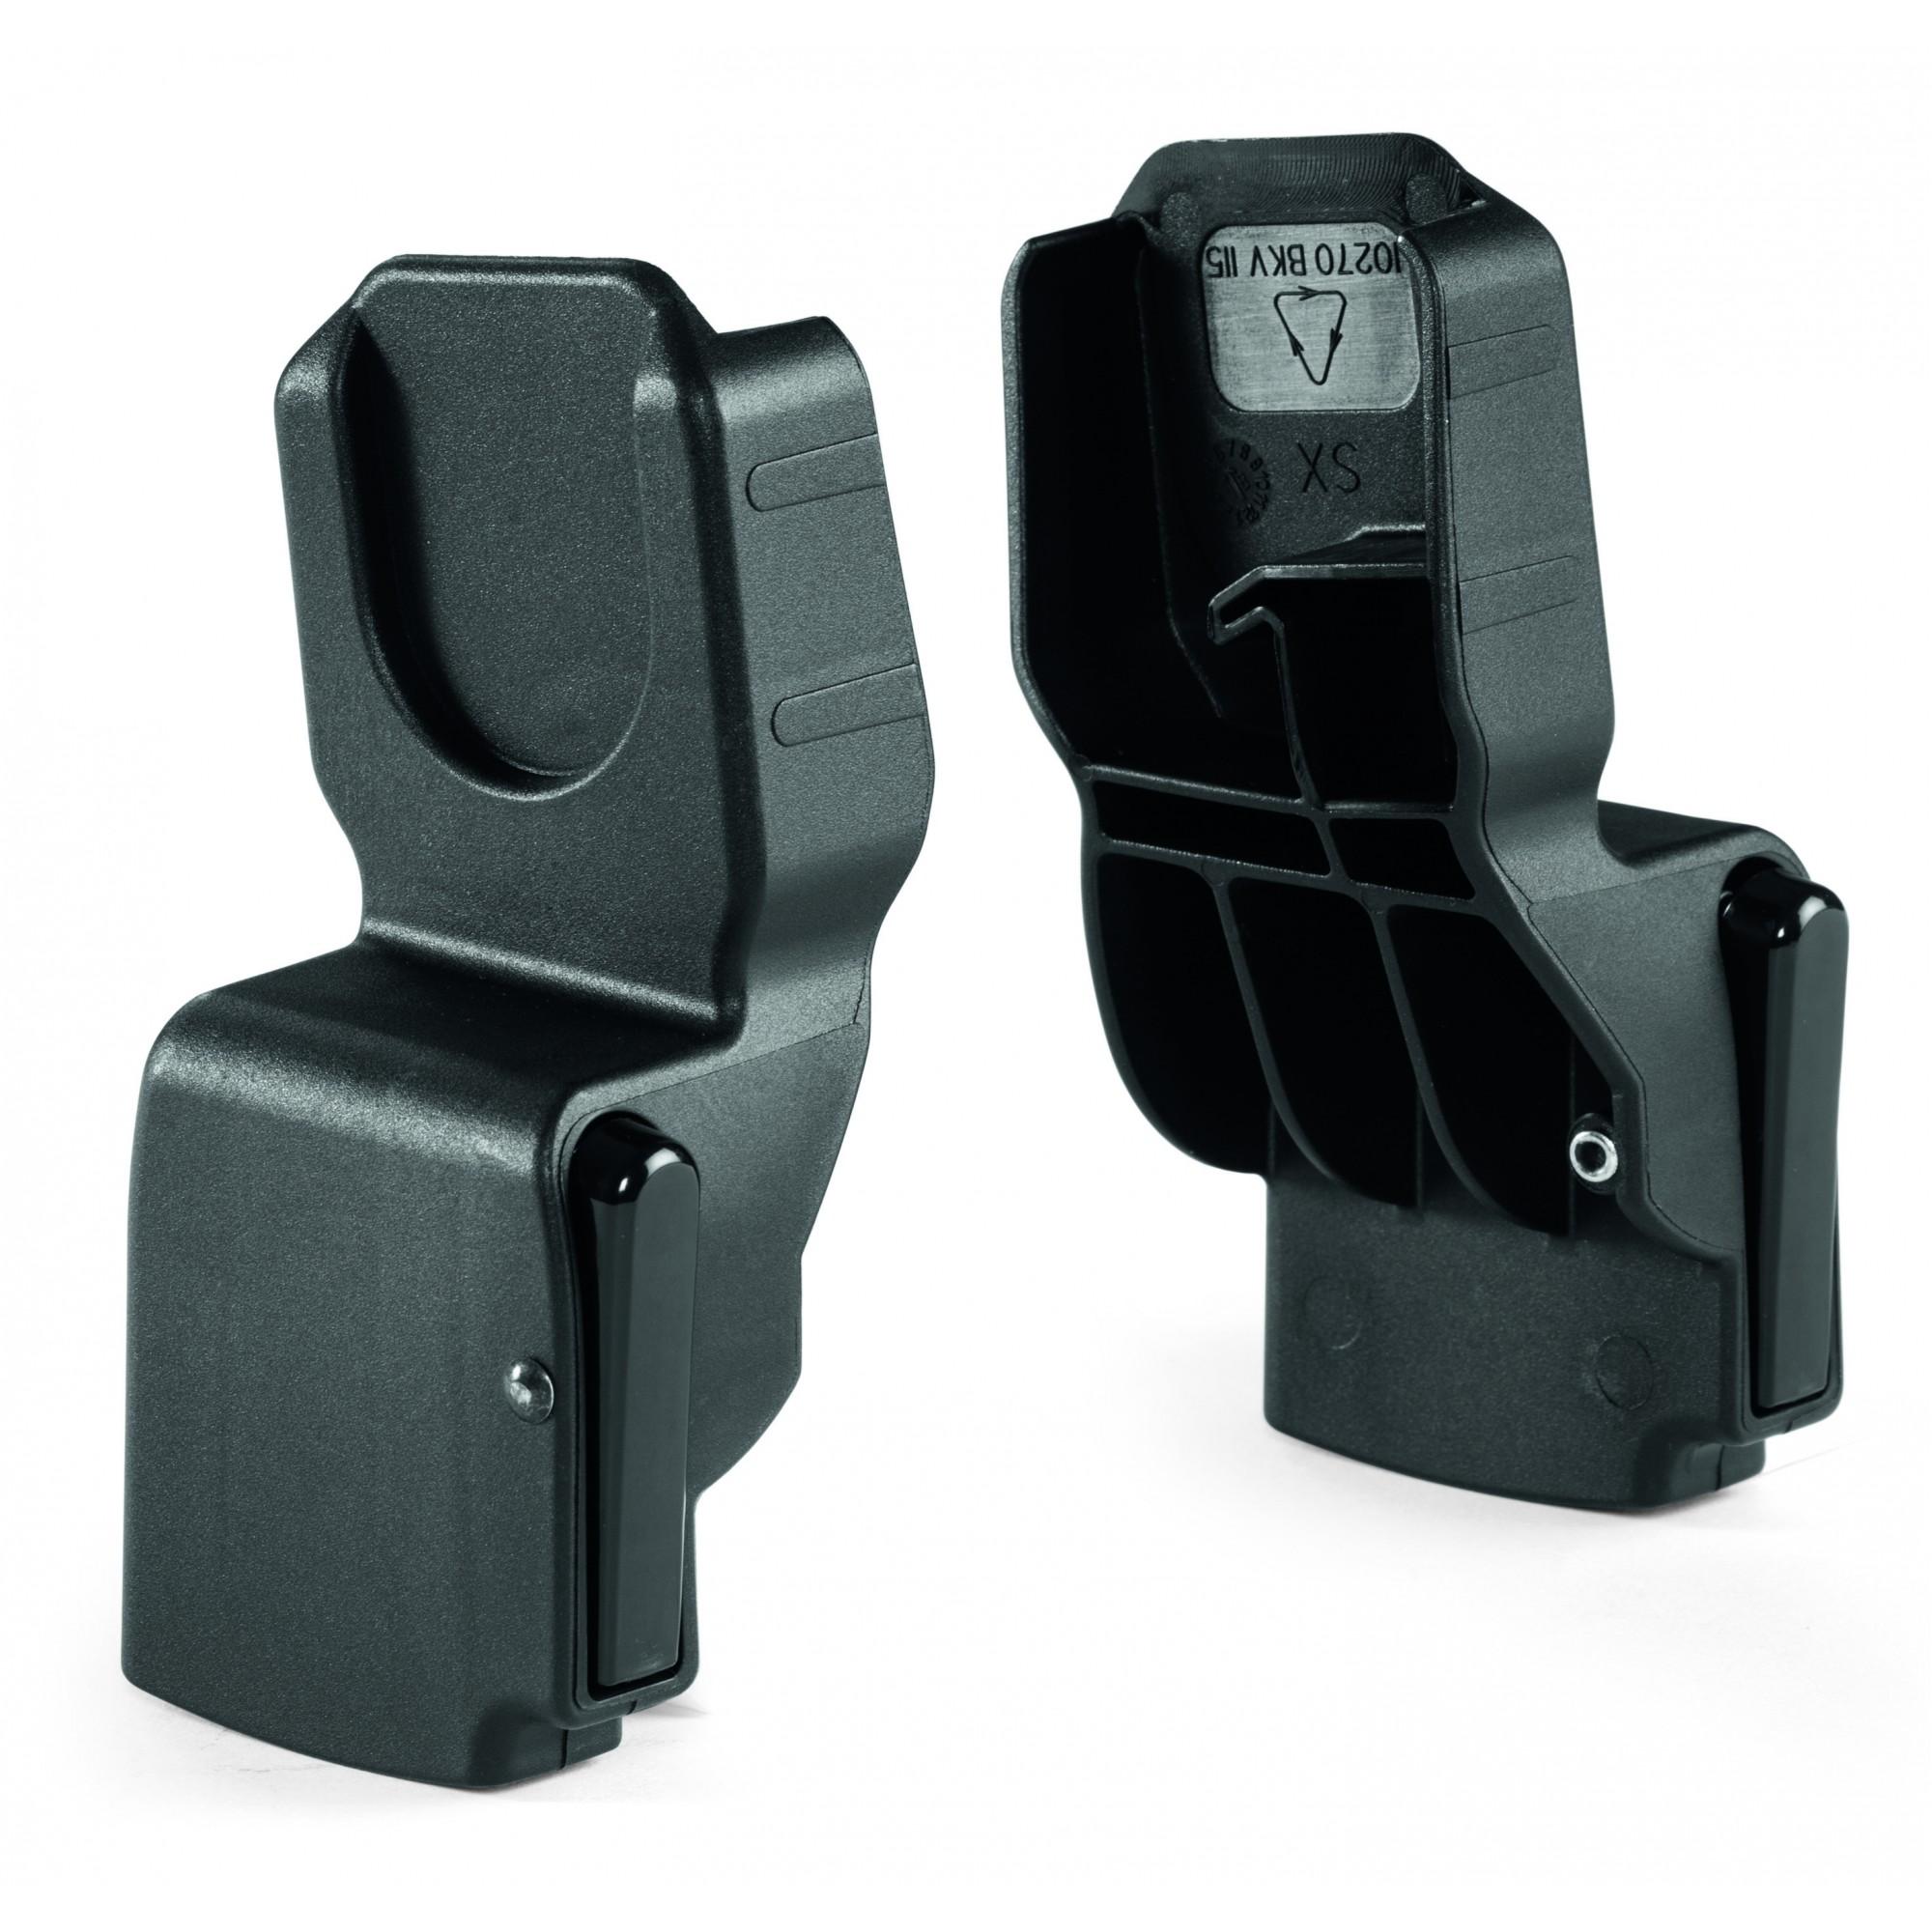 Adaptor scaun de masina Ypsi, Peg Perego